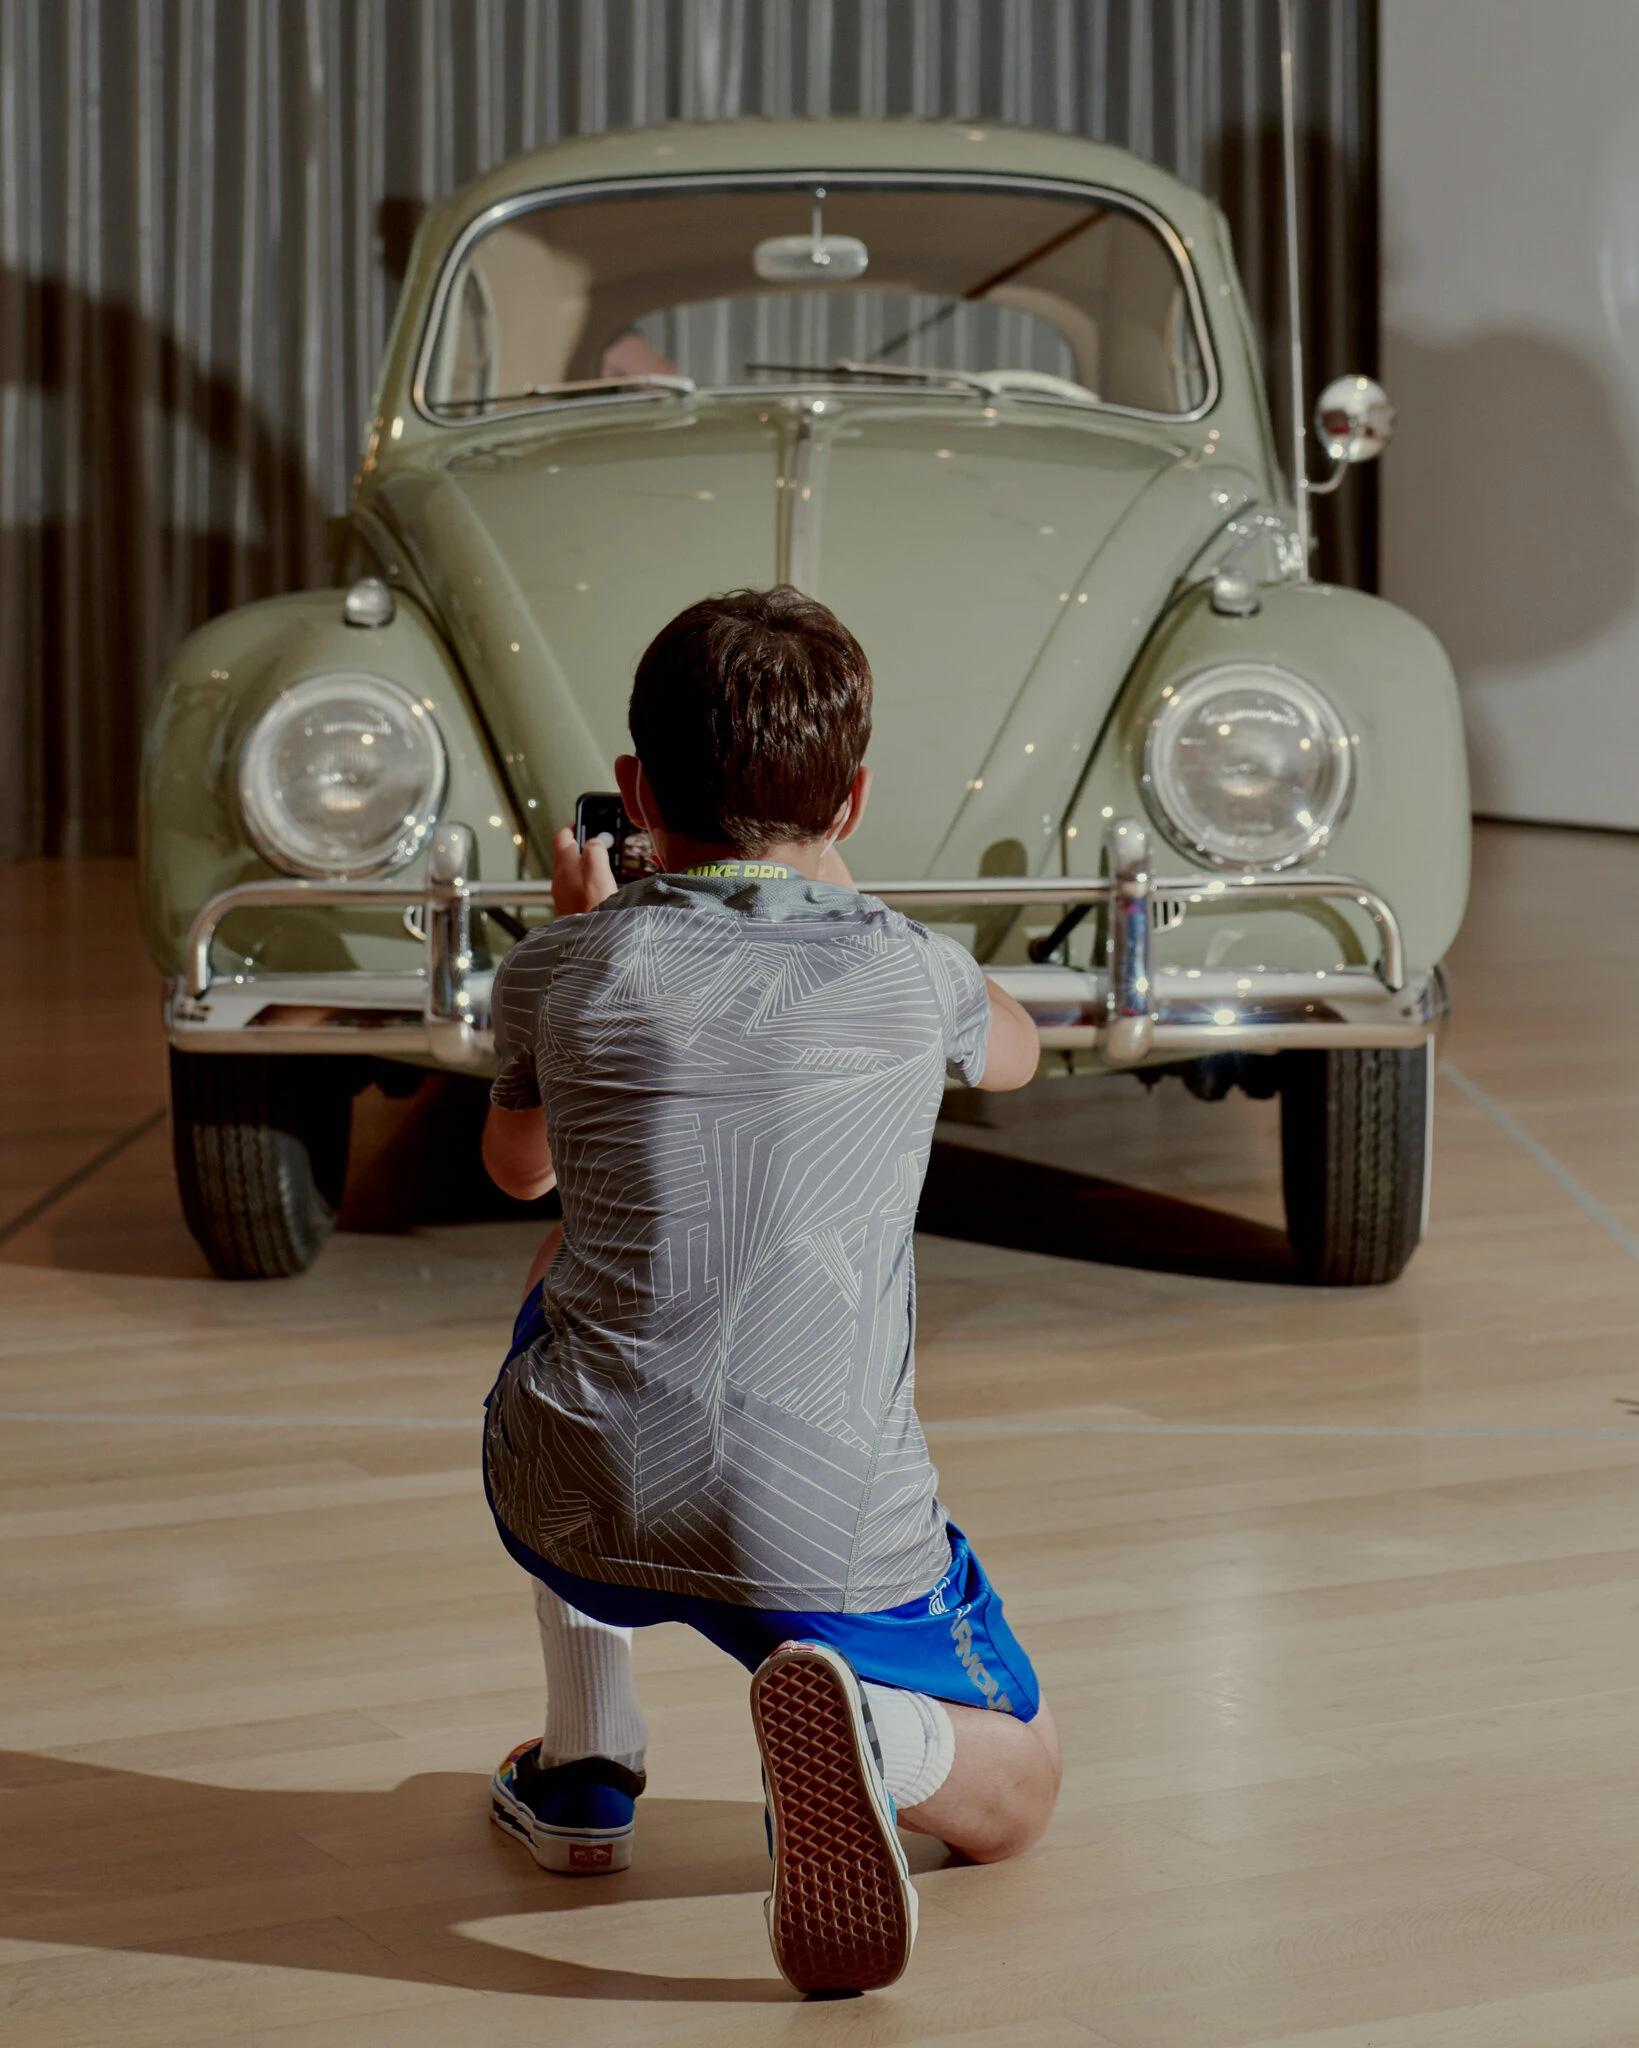 نمایش اتومبیل به مثابه شی هنری در موزه MoMA